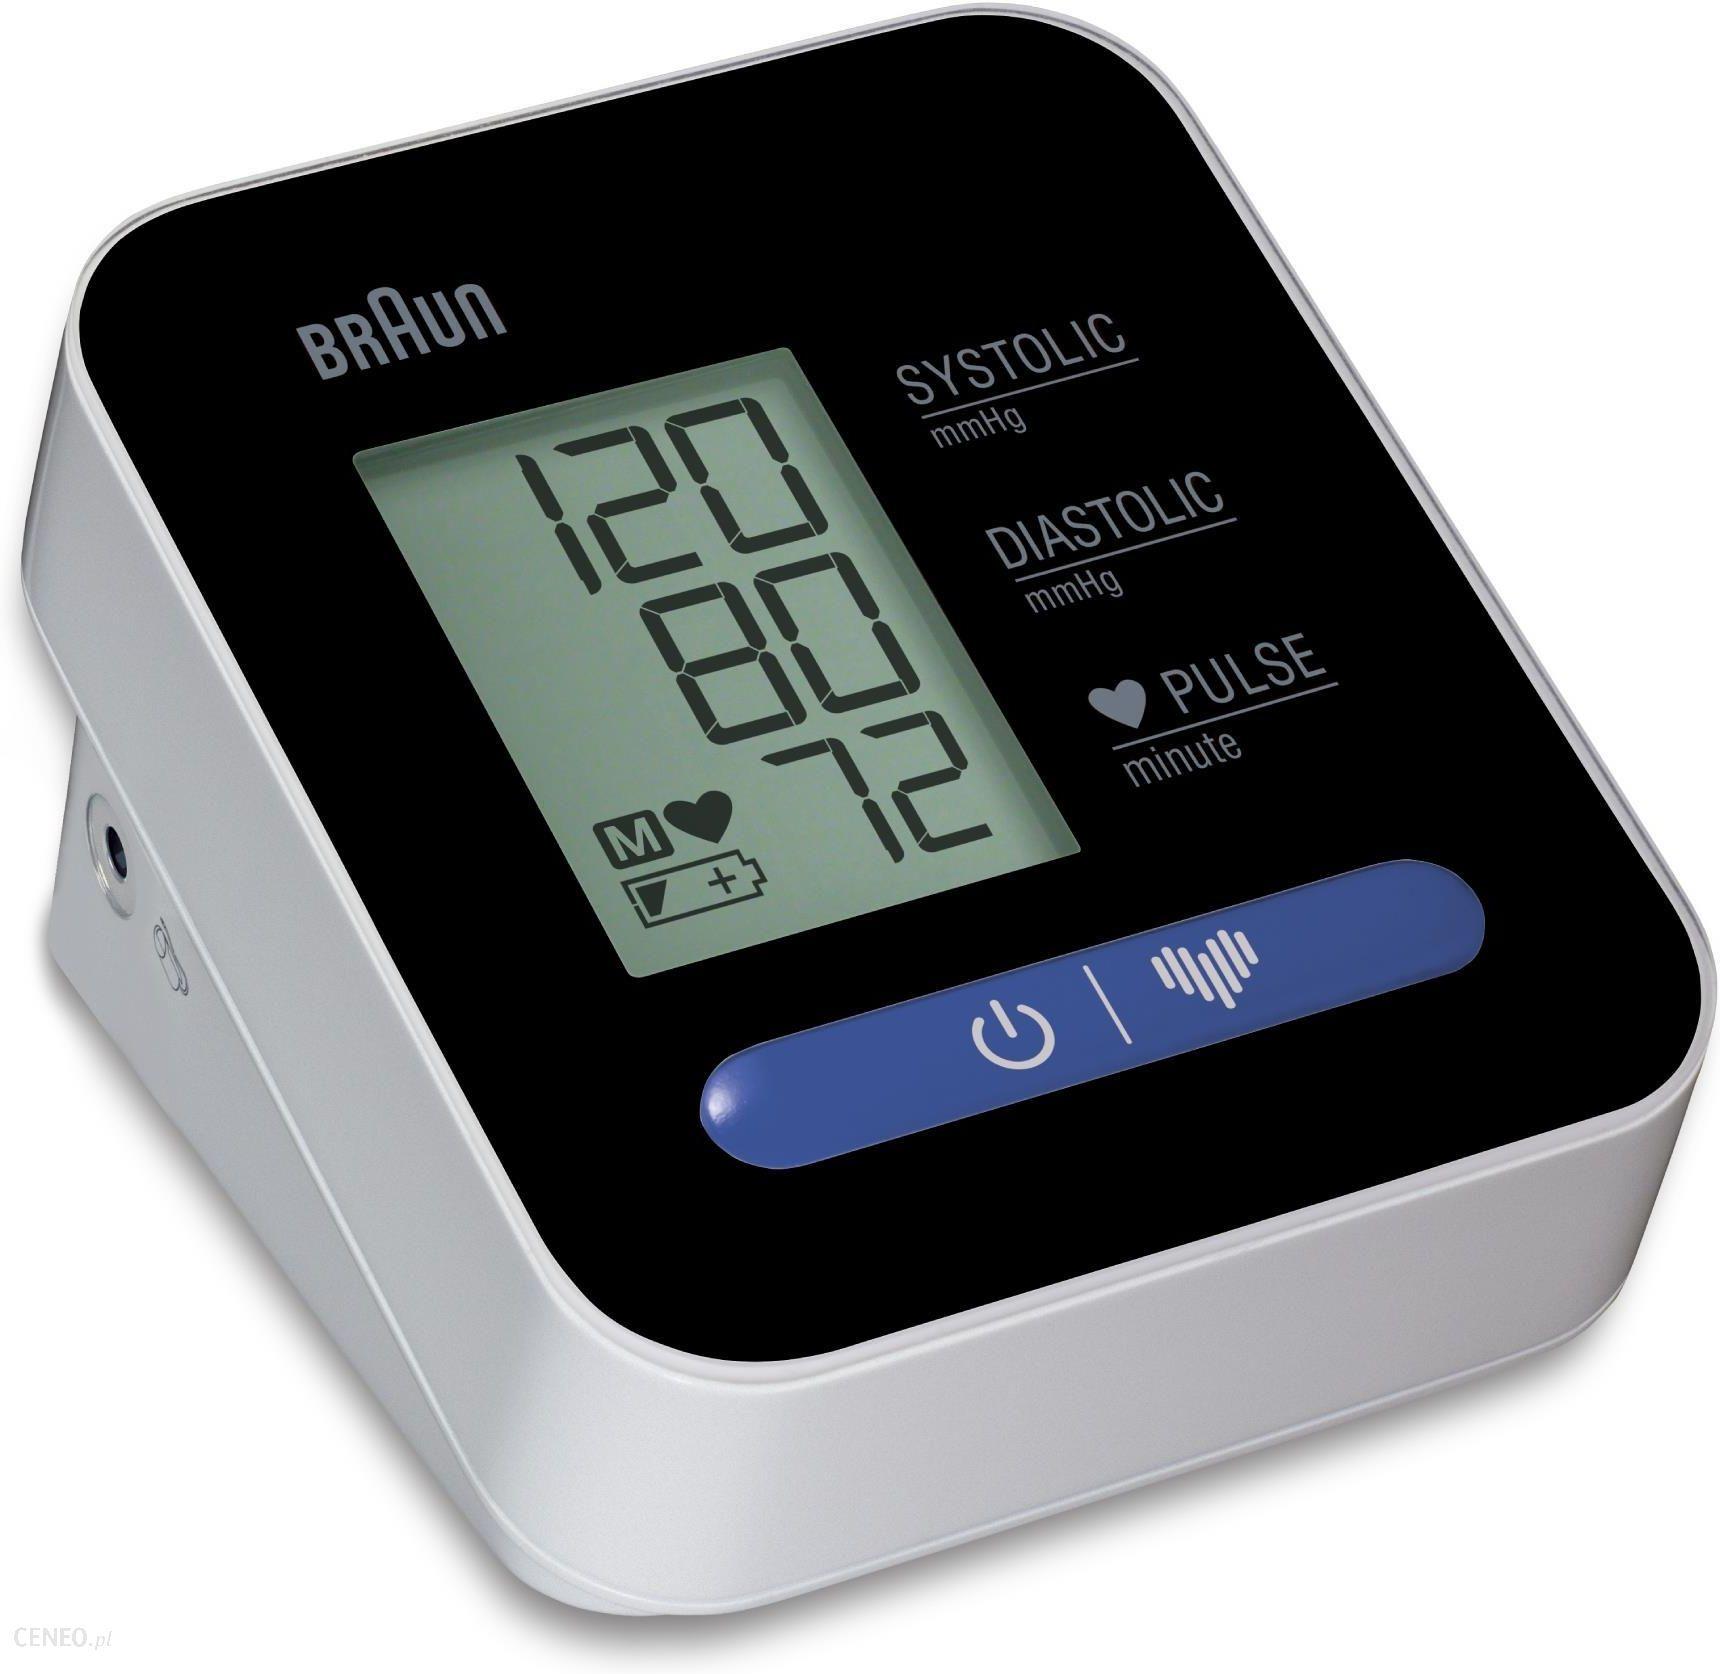 Braun ExactFit 1 BUA 5000 Ciśnieniomierz naramienny